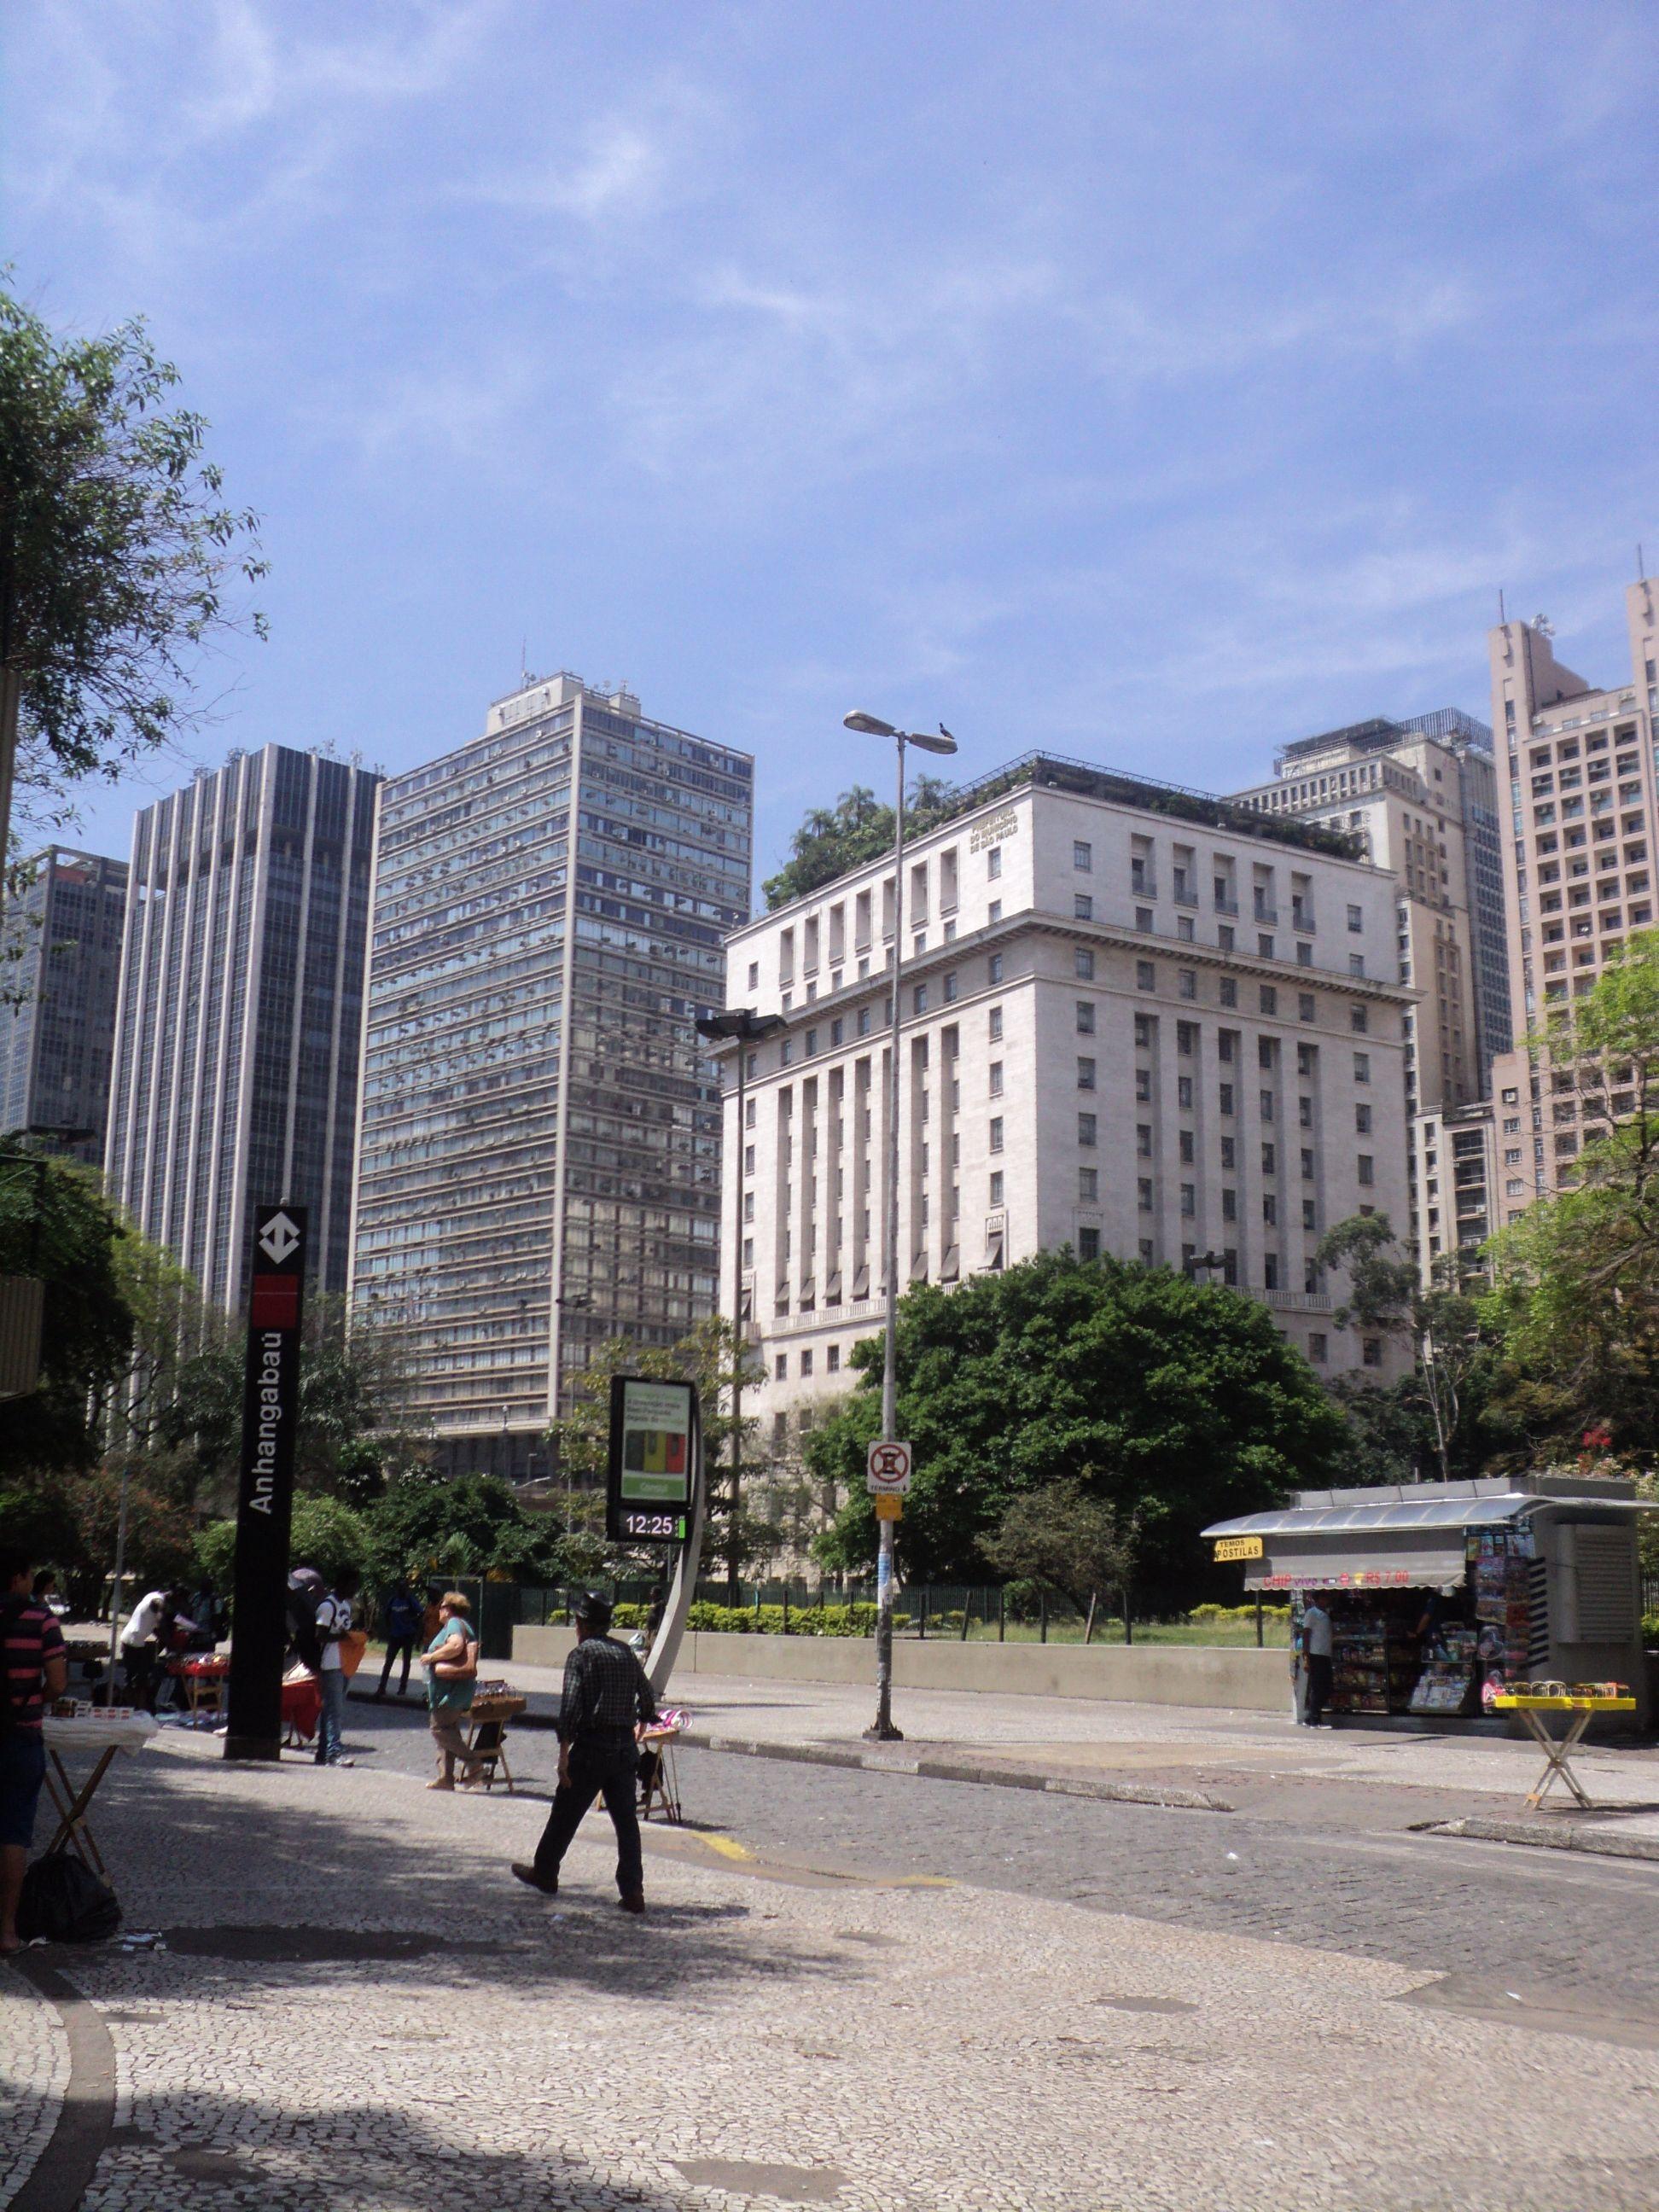 Da praça da Bandeiras se vê o prédio da Prefeitura - centro -SP